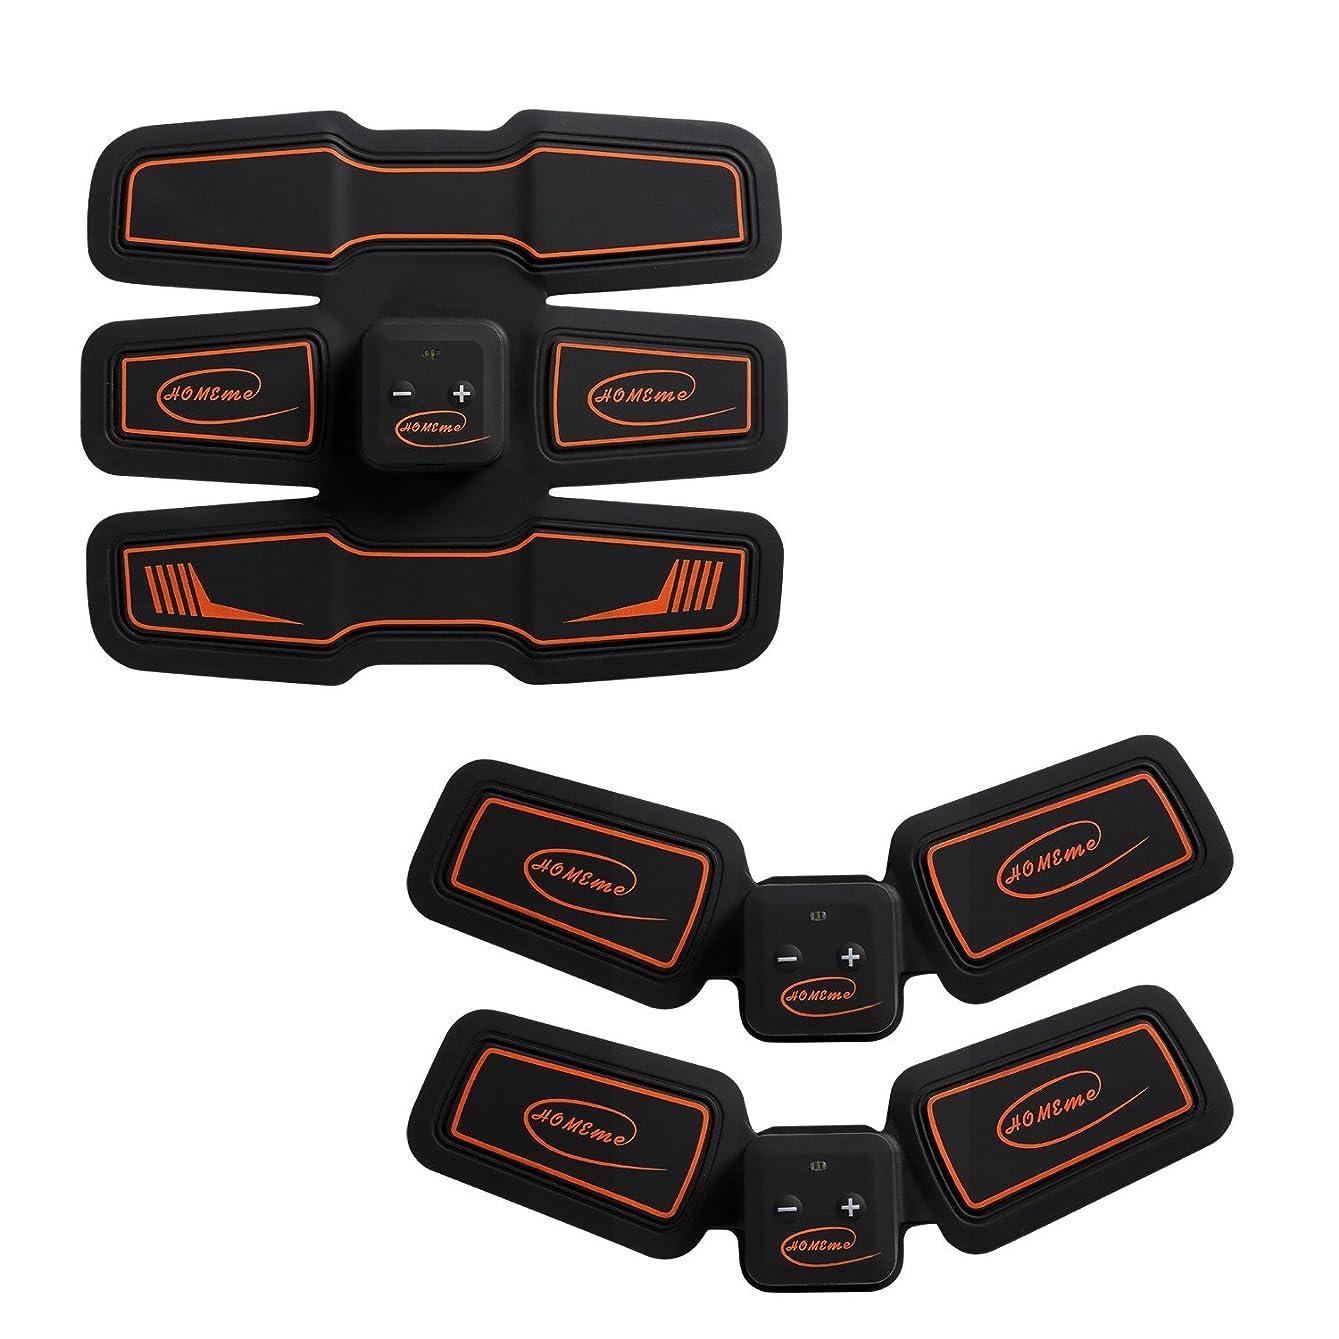 熱意どう?いくつかのホメメ EMS腹筋ベルト 腹筋トレーニング 15段階調節 6モード 男女兼用 USB充電式 セット商品 本体*3 一年保証